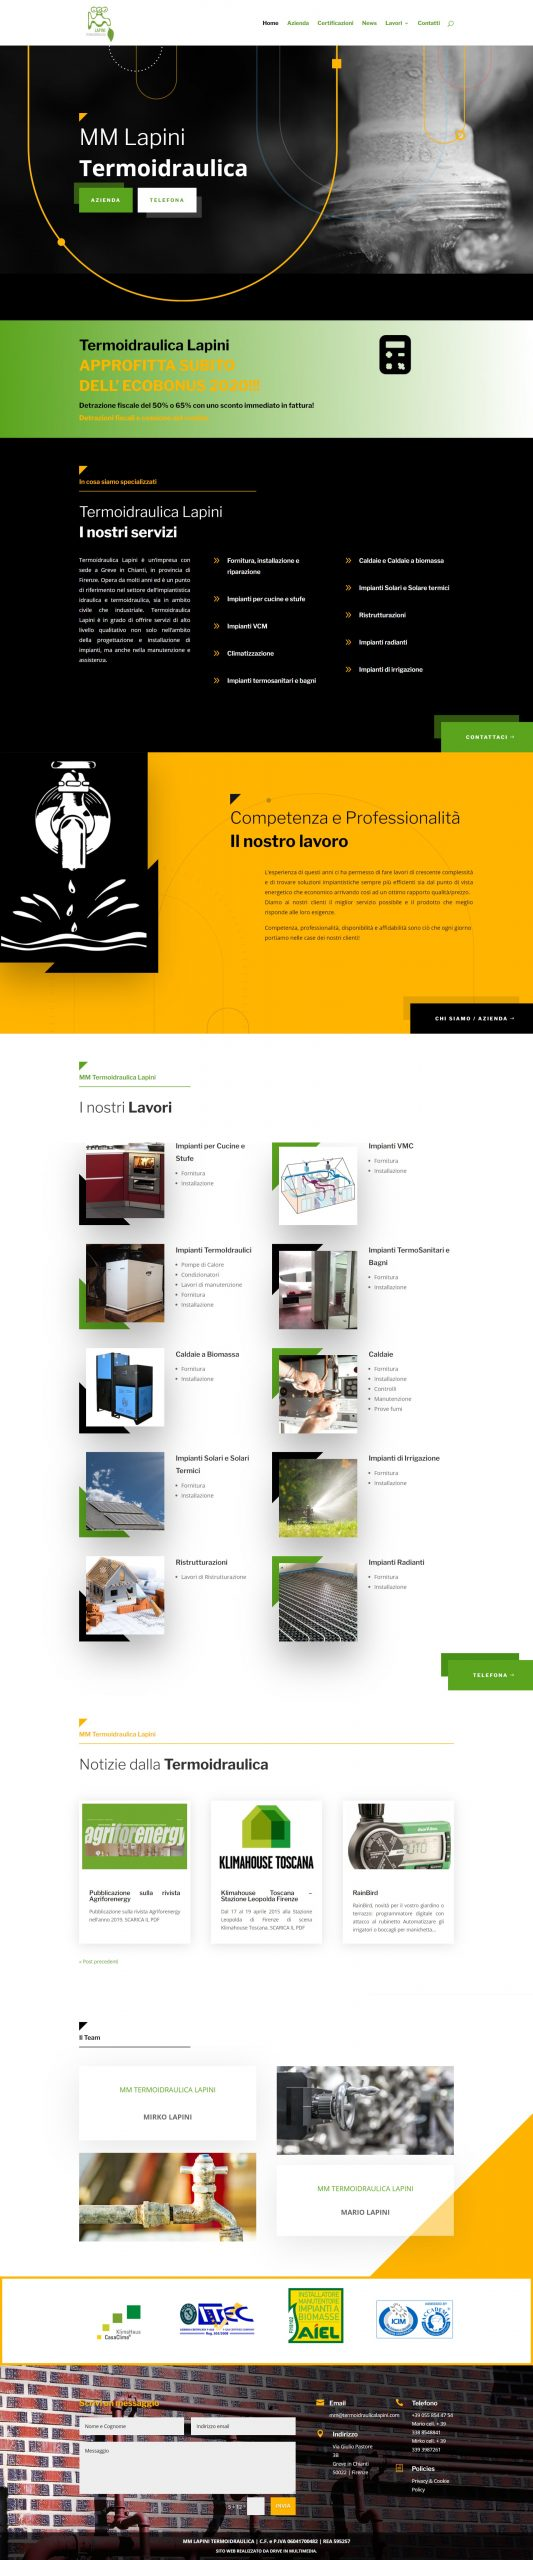 screenshot sito realizzato - termoidraulica Lapini